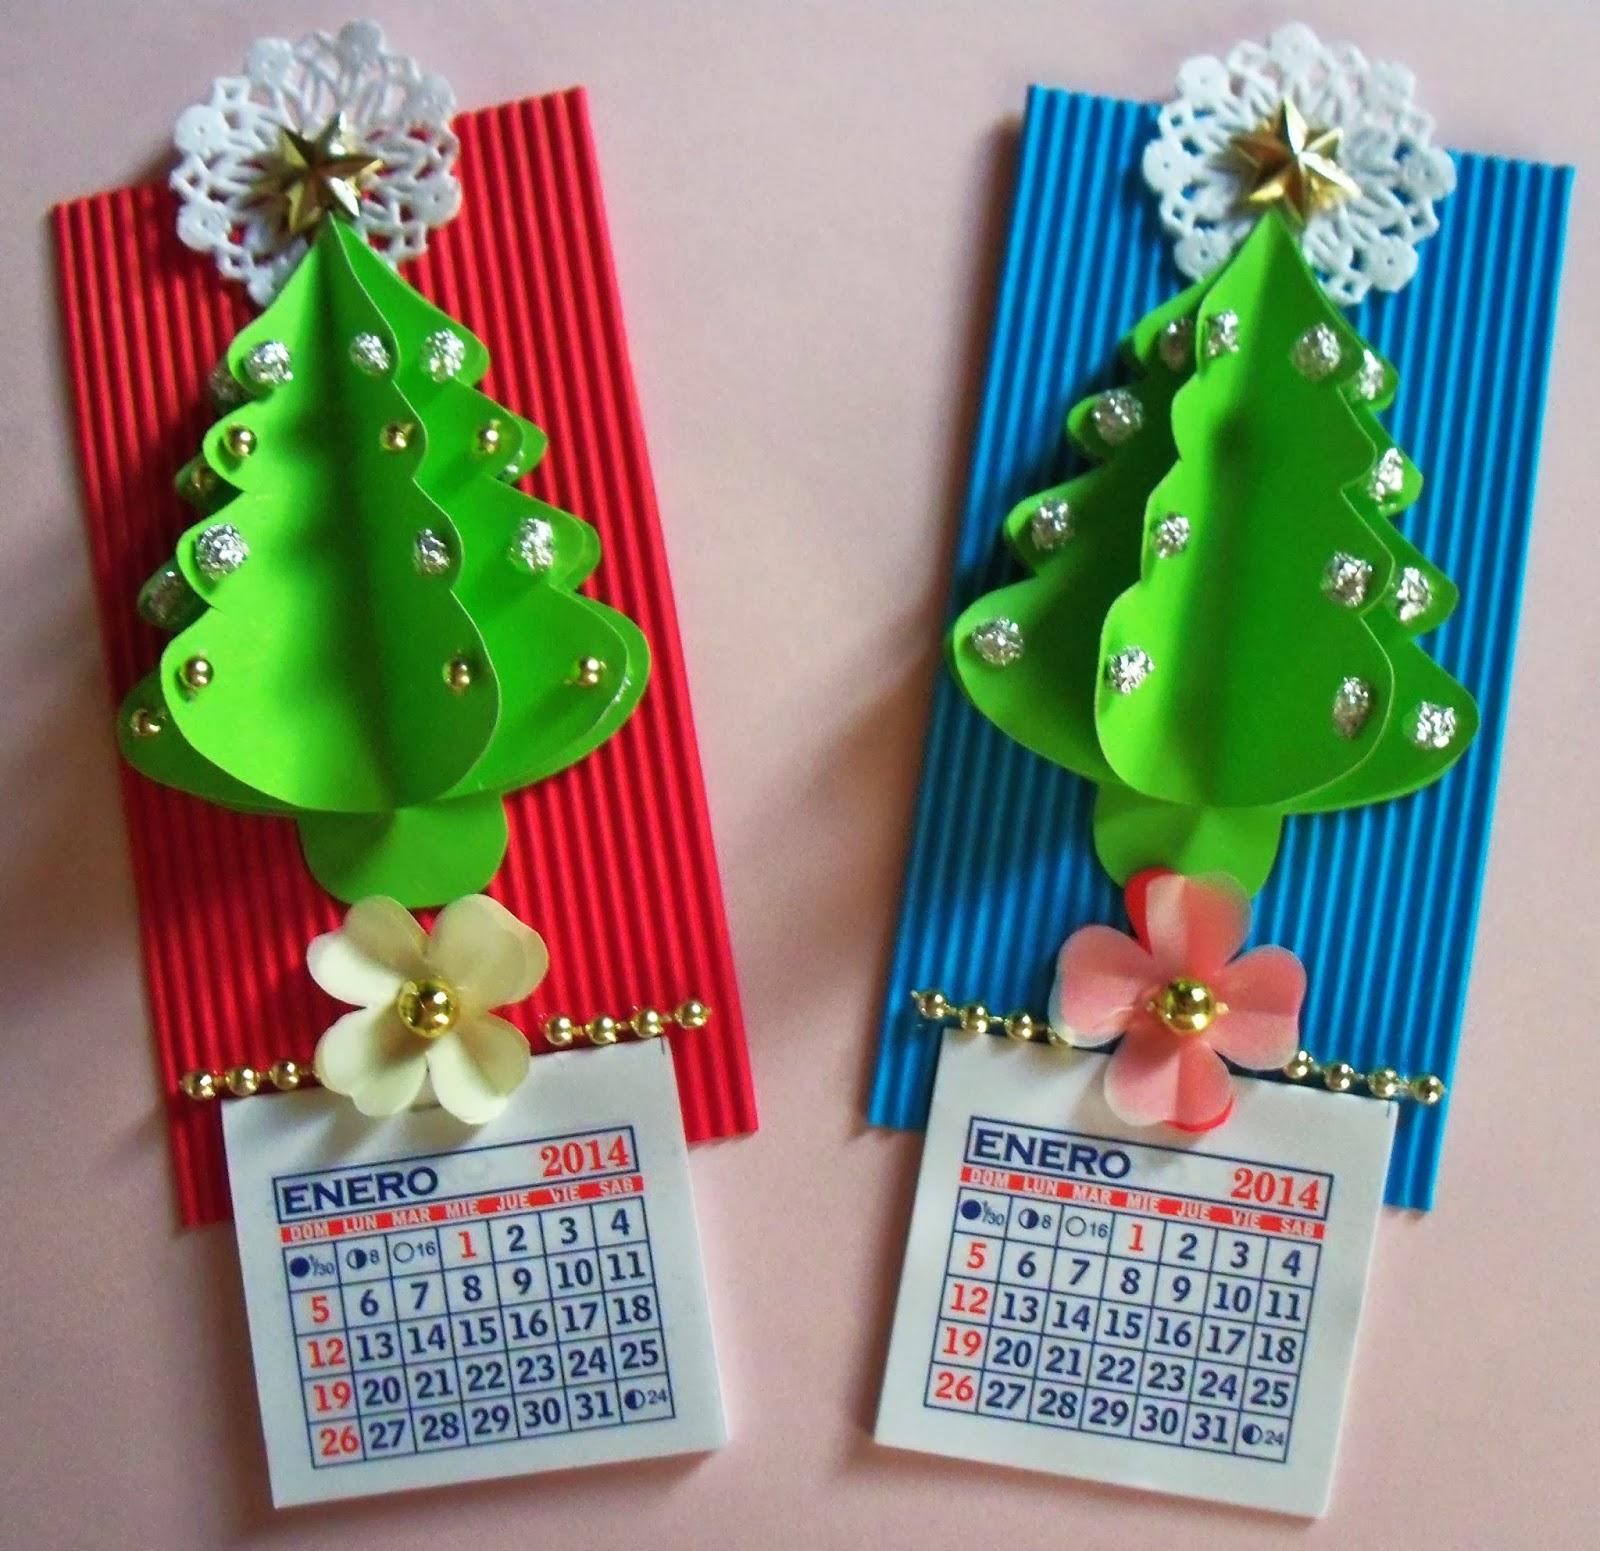 La Catequesis El Blog De Sandra Manualidades De Navidad Para Ninos - Manualidades-de-navidad-para-hacer-con-nios